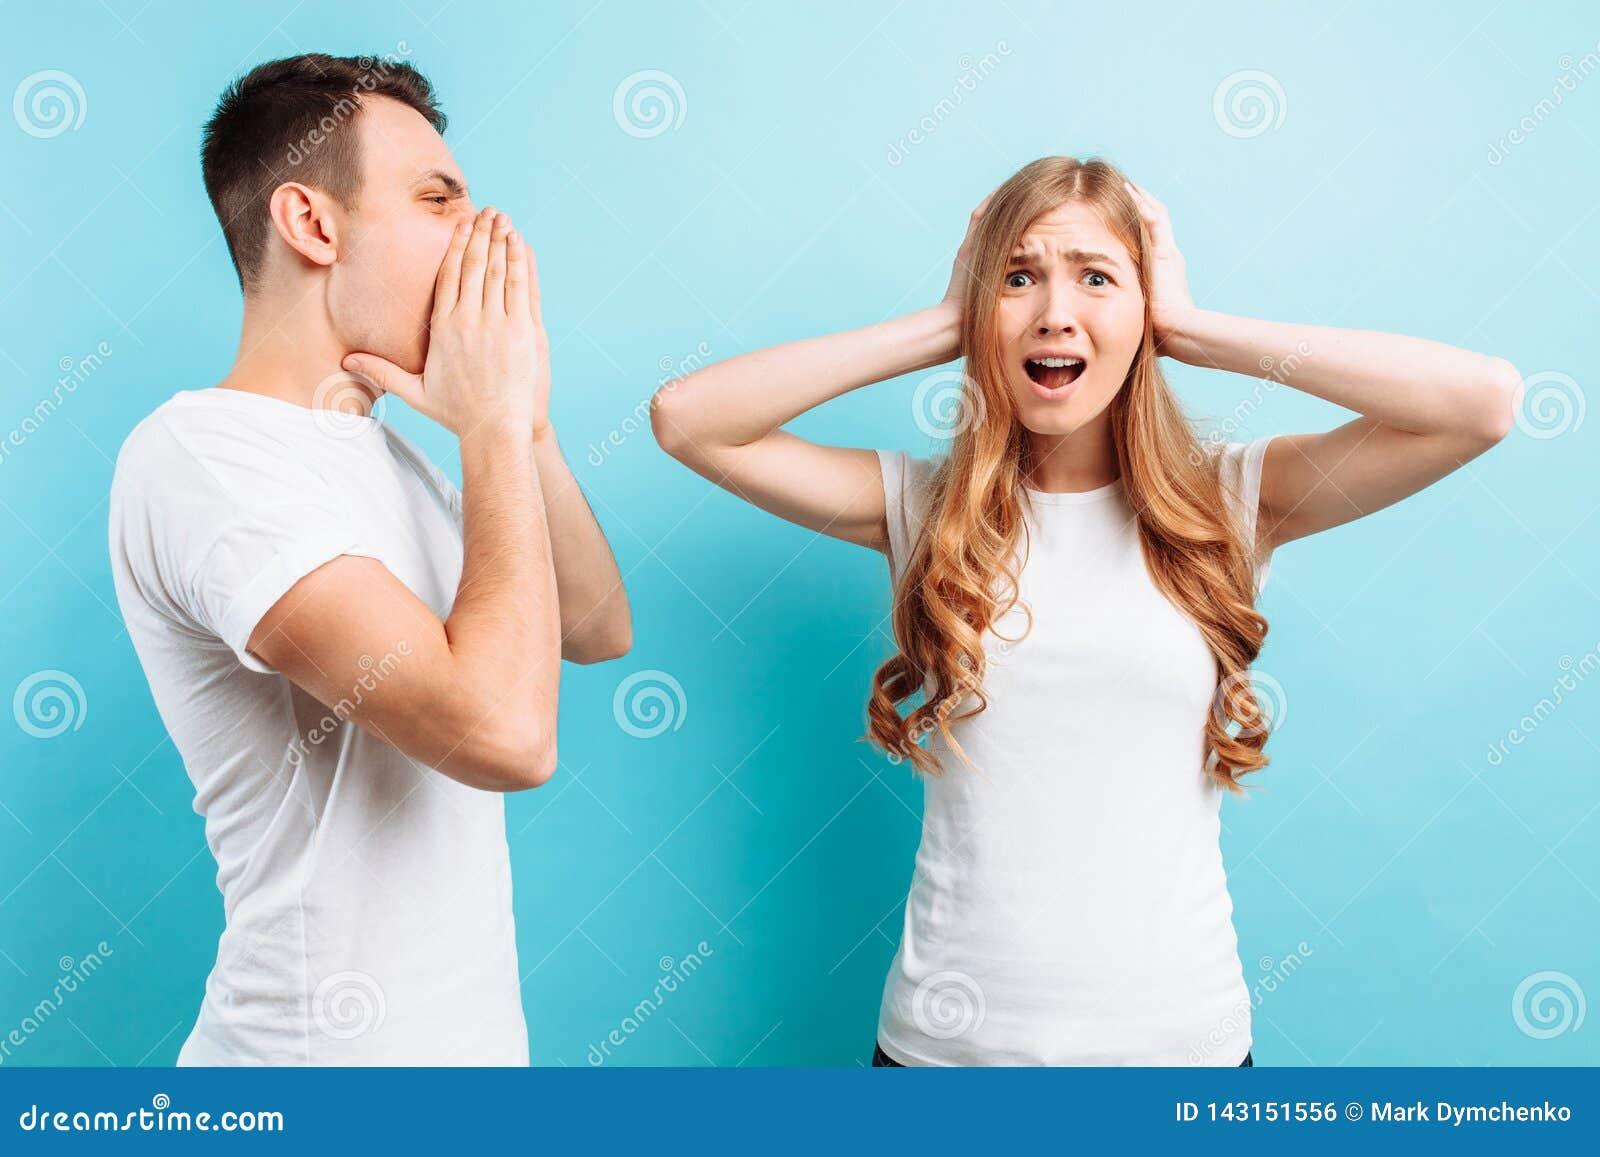 Von einem jungen, aggressiven Mann, der an einer Frau schreit, bedeckt eine Frau ihre Ohren mit seinen Händen, auf einem blauen H